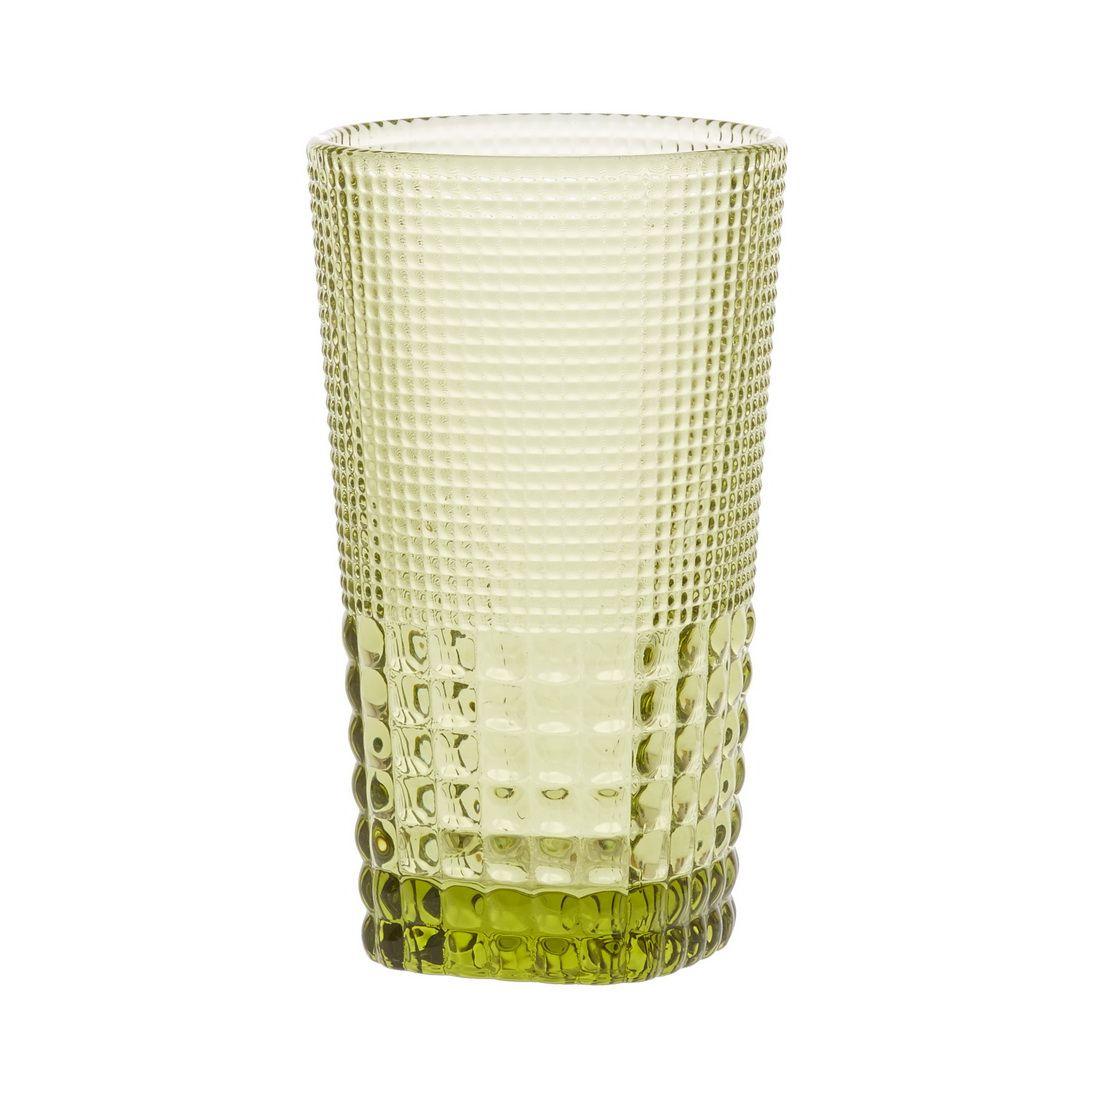 Стакан для напитков Royal drops, оливковыйОцените удобство и универсальность стакана для напитков Ройял дропс. Он станет полезным и эстетичным дополнением любого стола – свадебного, новогоднего или юбилейного. Модель изготовлена из прозрачного стекла приятного оливкового цвета. Форма стакана близка к цилиндрической, немного расширяющаяся к верхнему краю. Наружная поверхность стекла покрыта рельефными насечками, которые обеспечивают удобство обращения с изделием и красиво выглядят. Стакан Ройял Дропс подходит для любых напитков – вина, минеральной и чистой питьевой воды, чая, сока.<br>